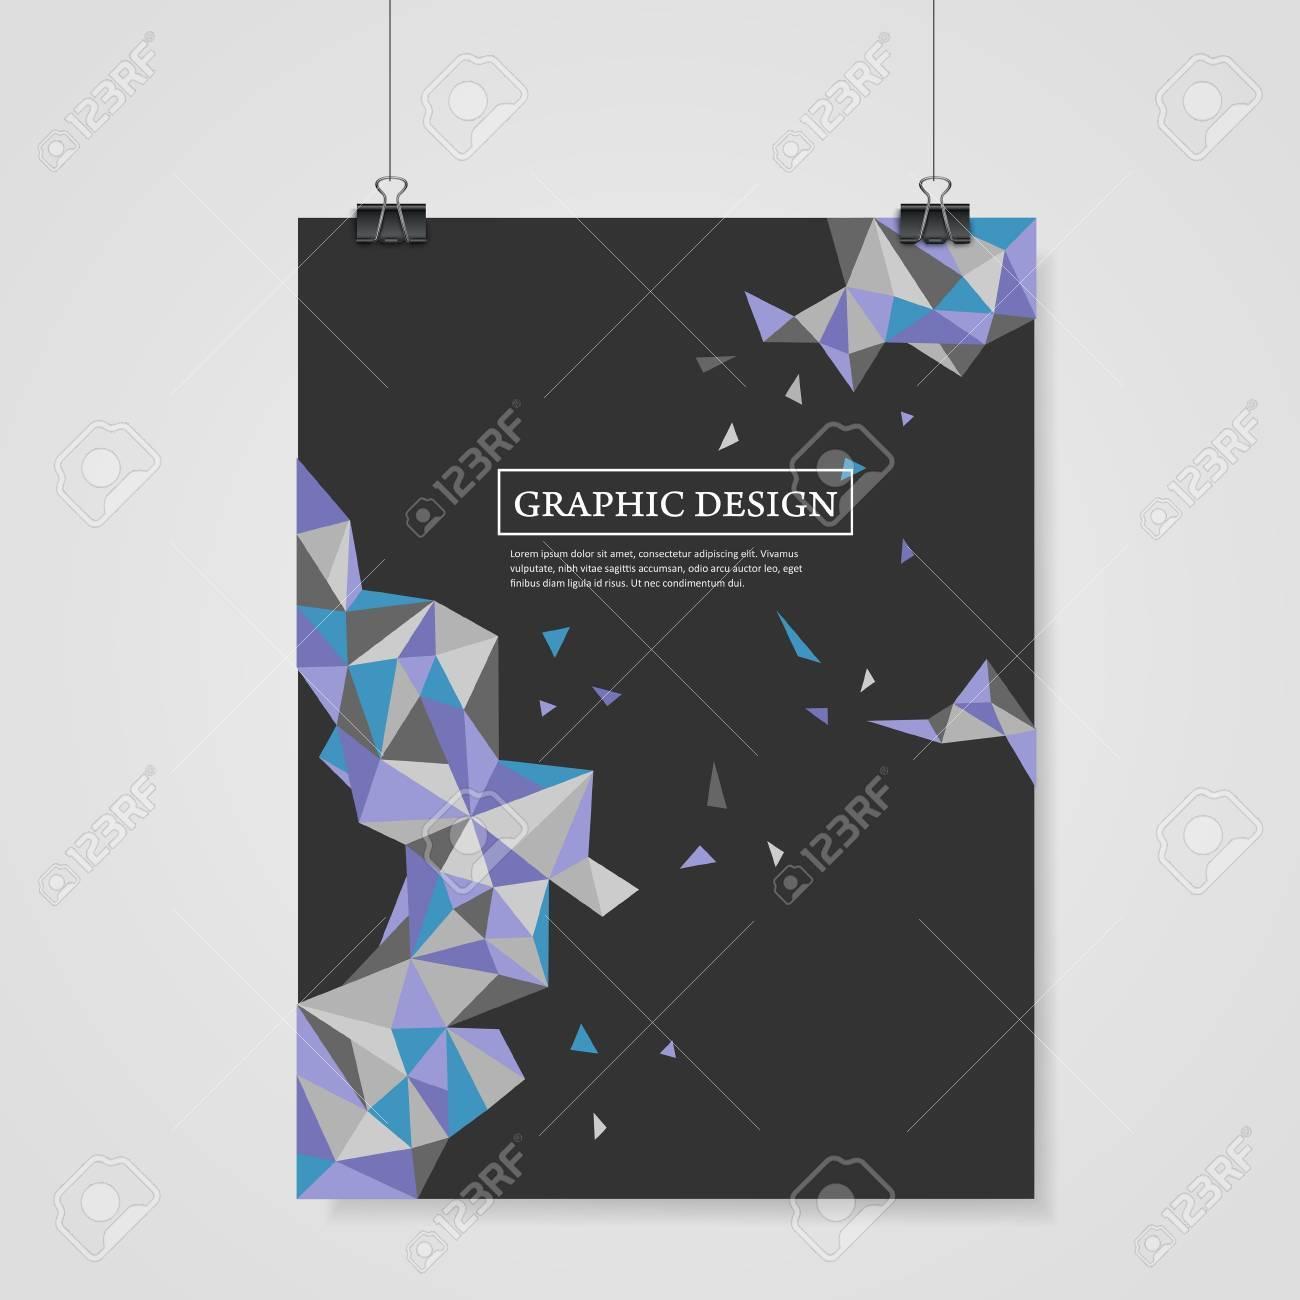 Geométrico Diseño Triángulos Coloridos Abstracto Para La Plantilla ...